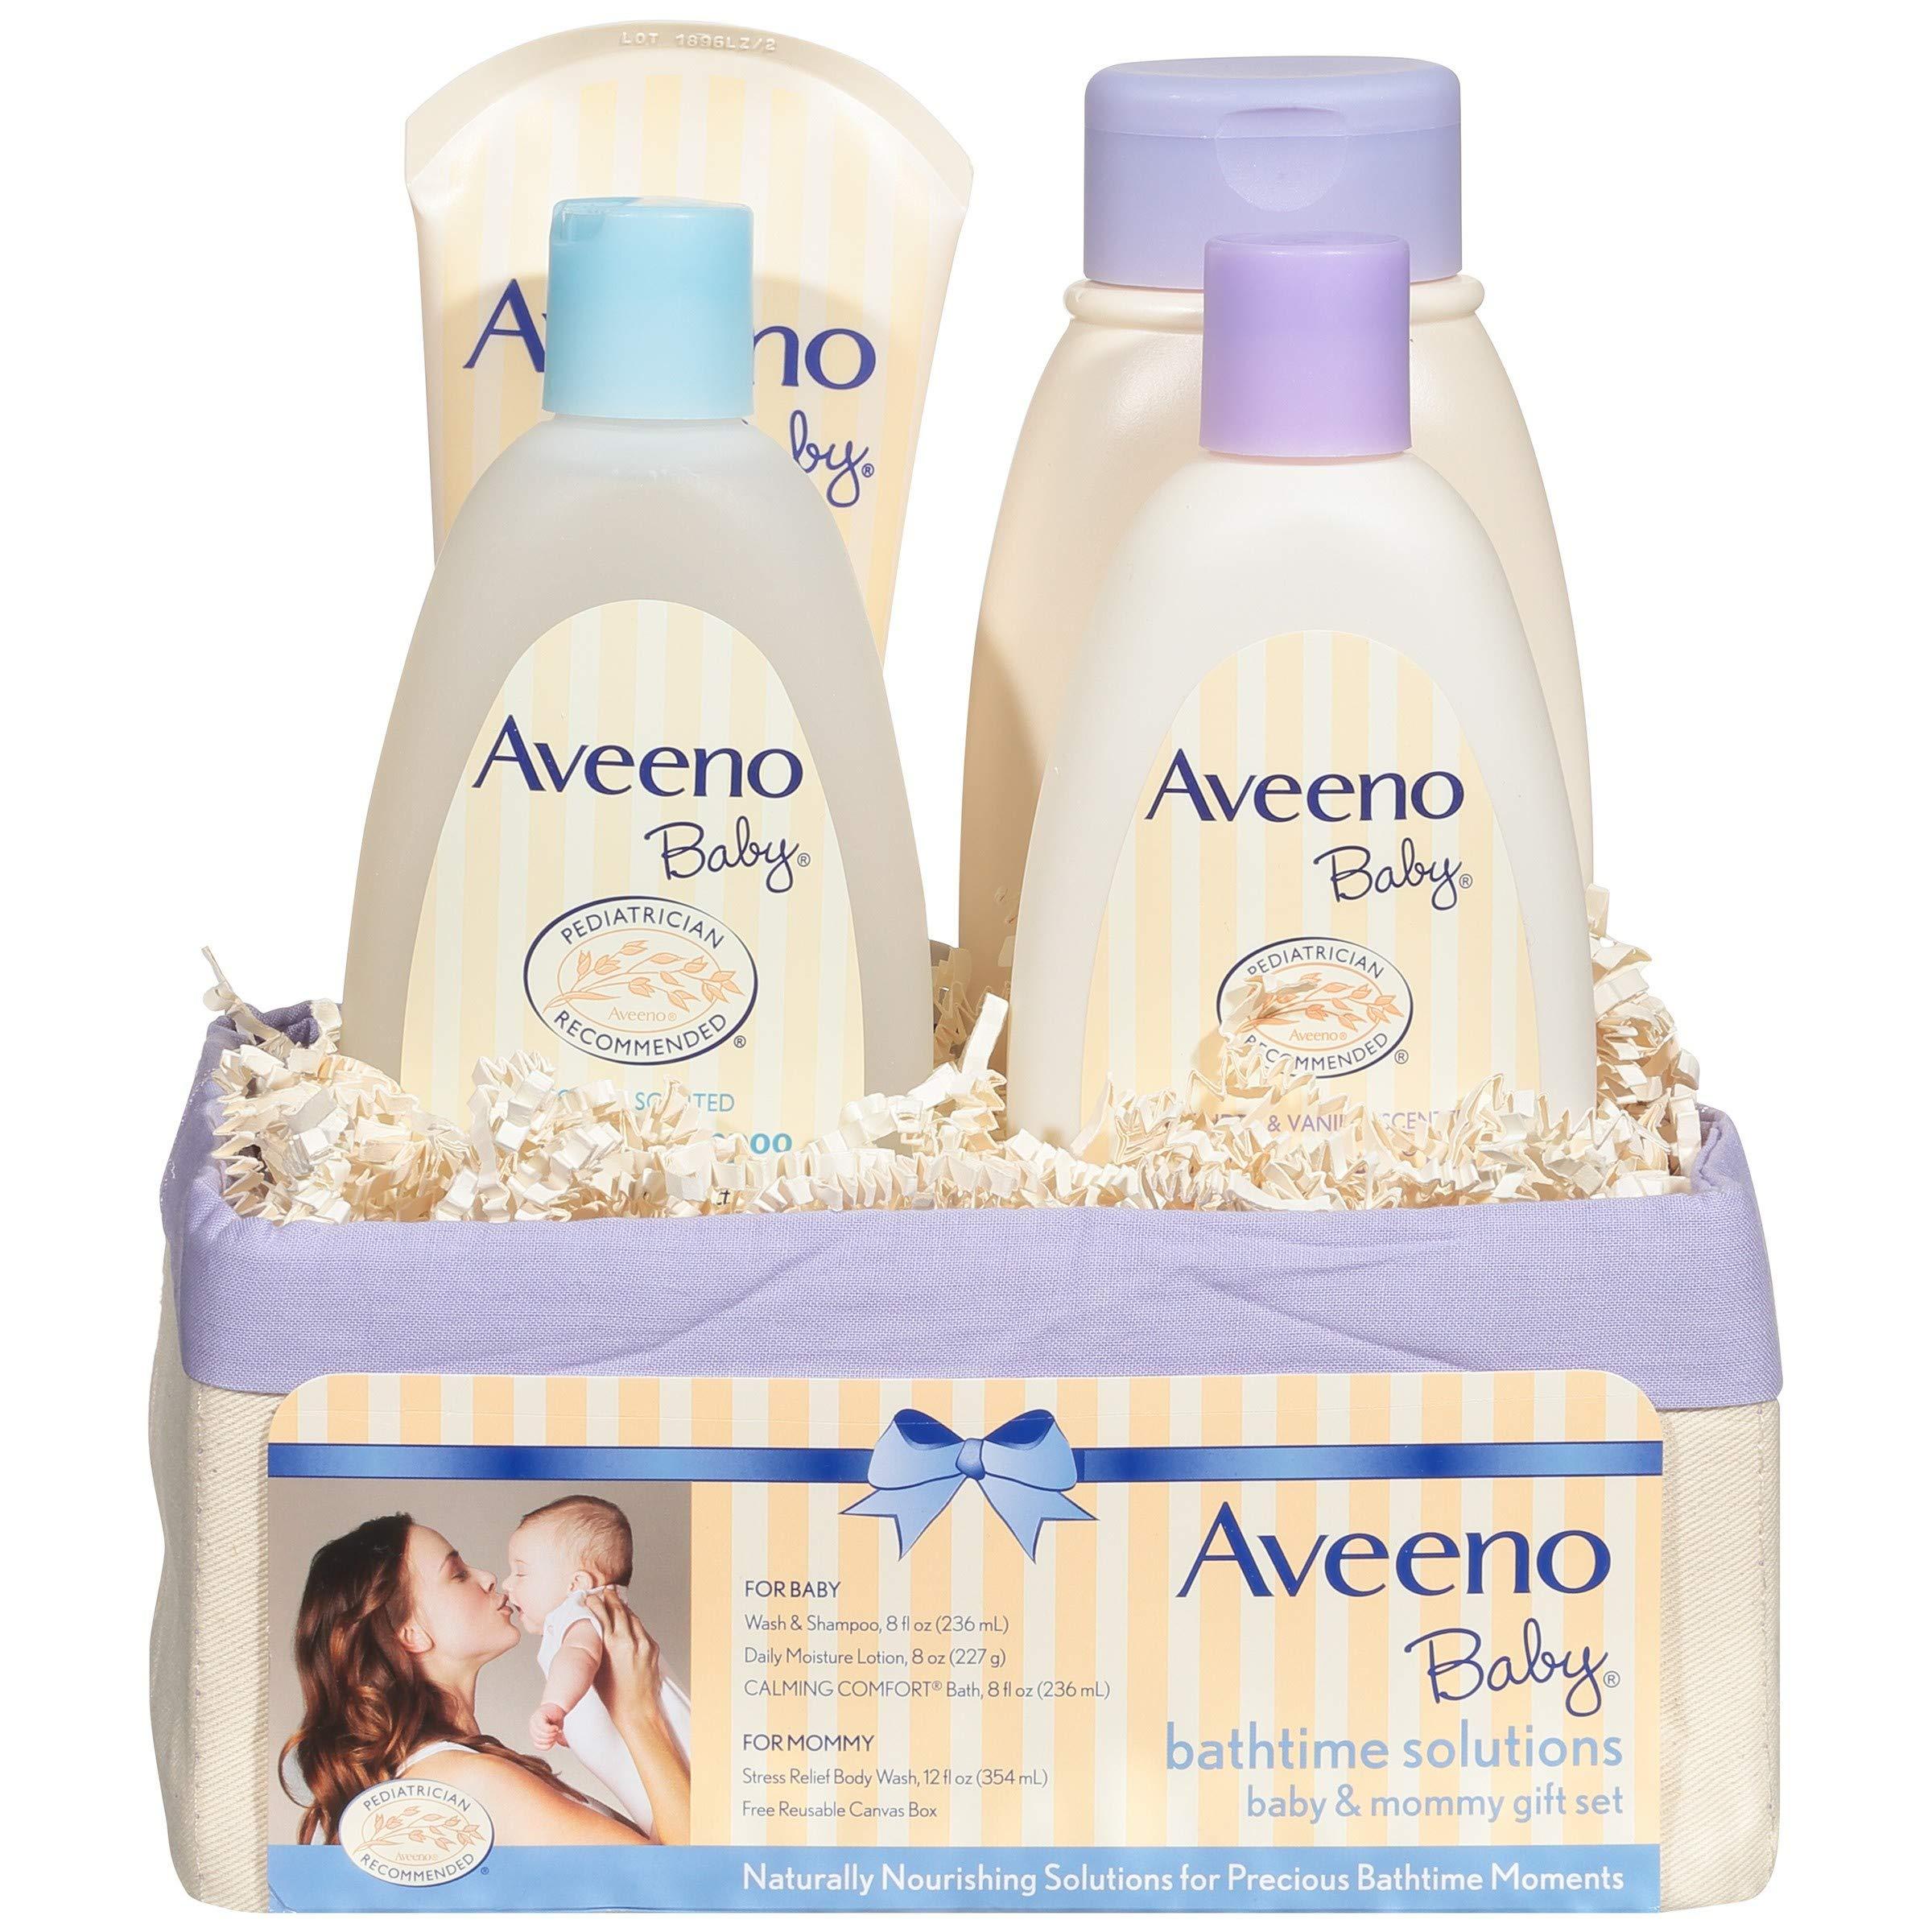 Aveeno Baby 日常洗澡解决方案礼品套装为宝宝和妈妈提供滋养皮肤,4 件商品